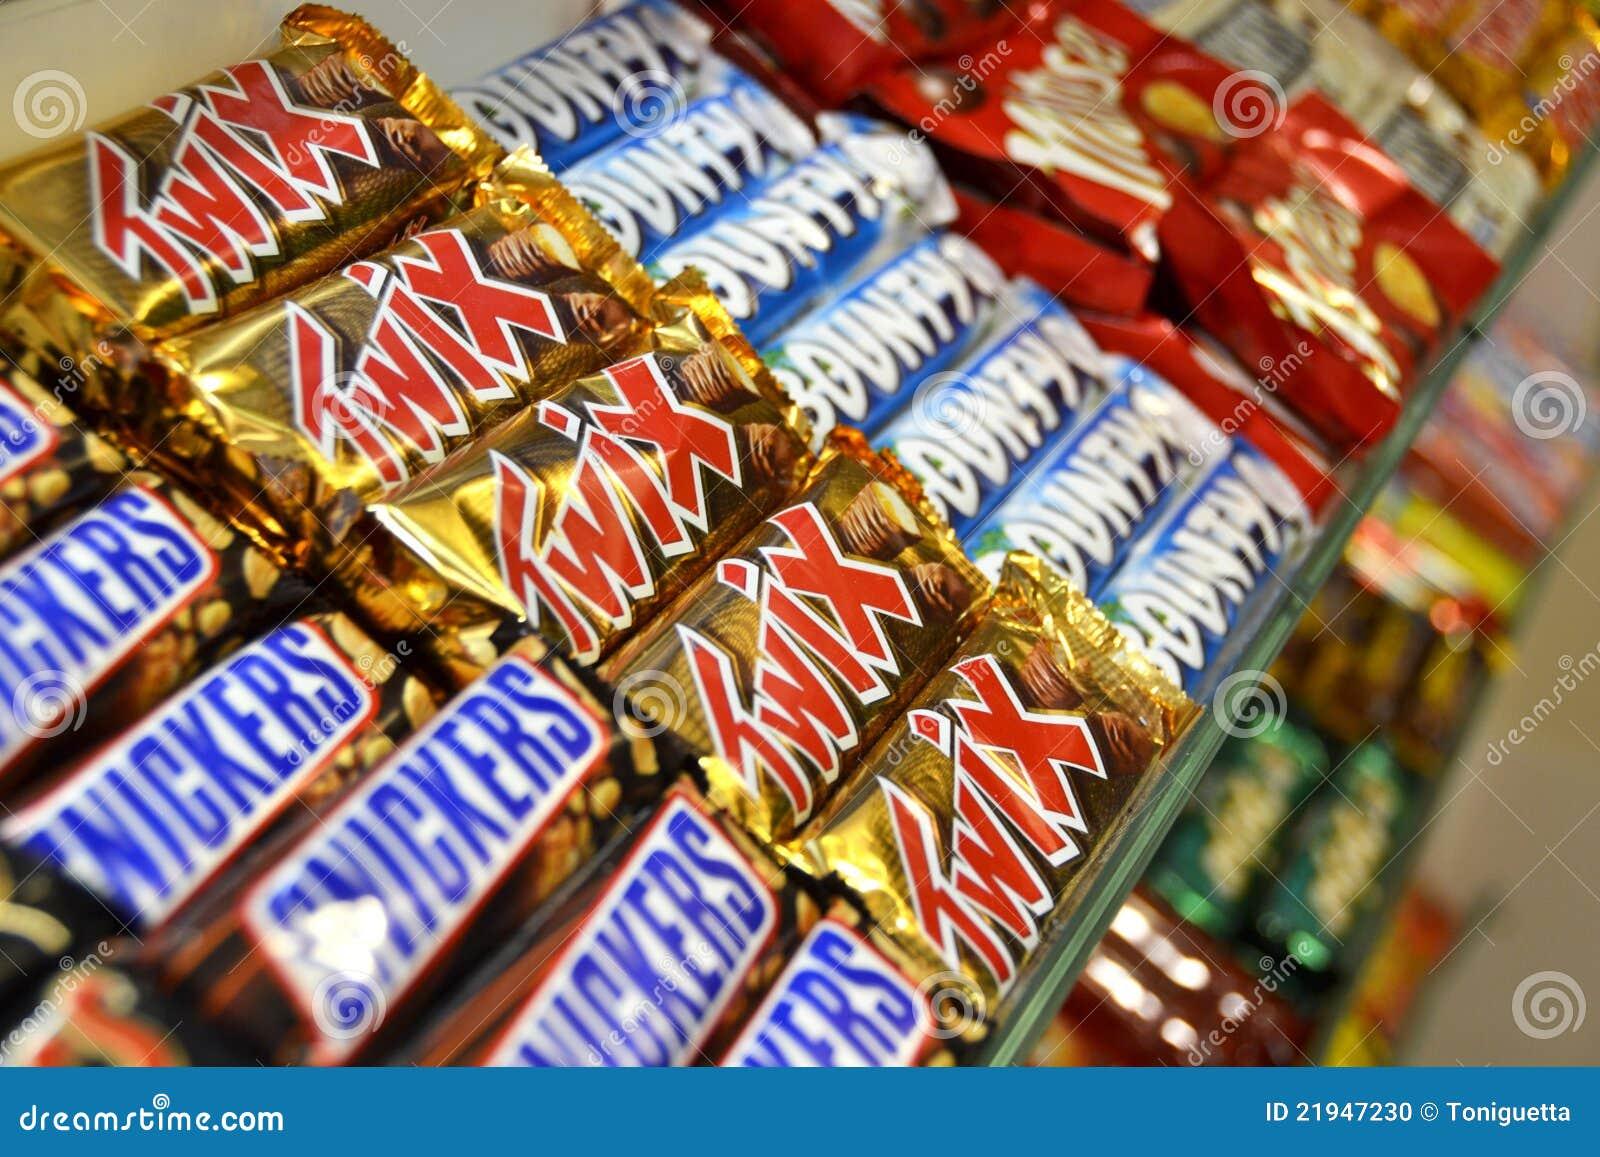 Barras De Chocolate En Un Almacén De Caramelo Imagen editorial ...